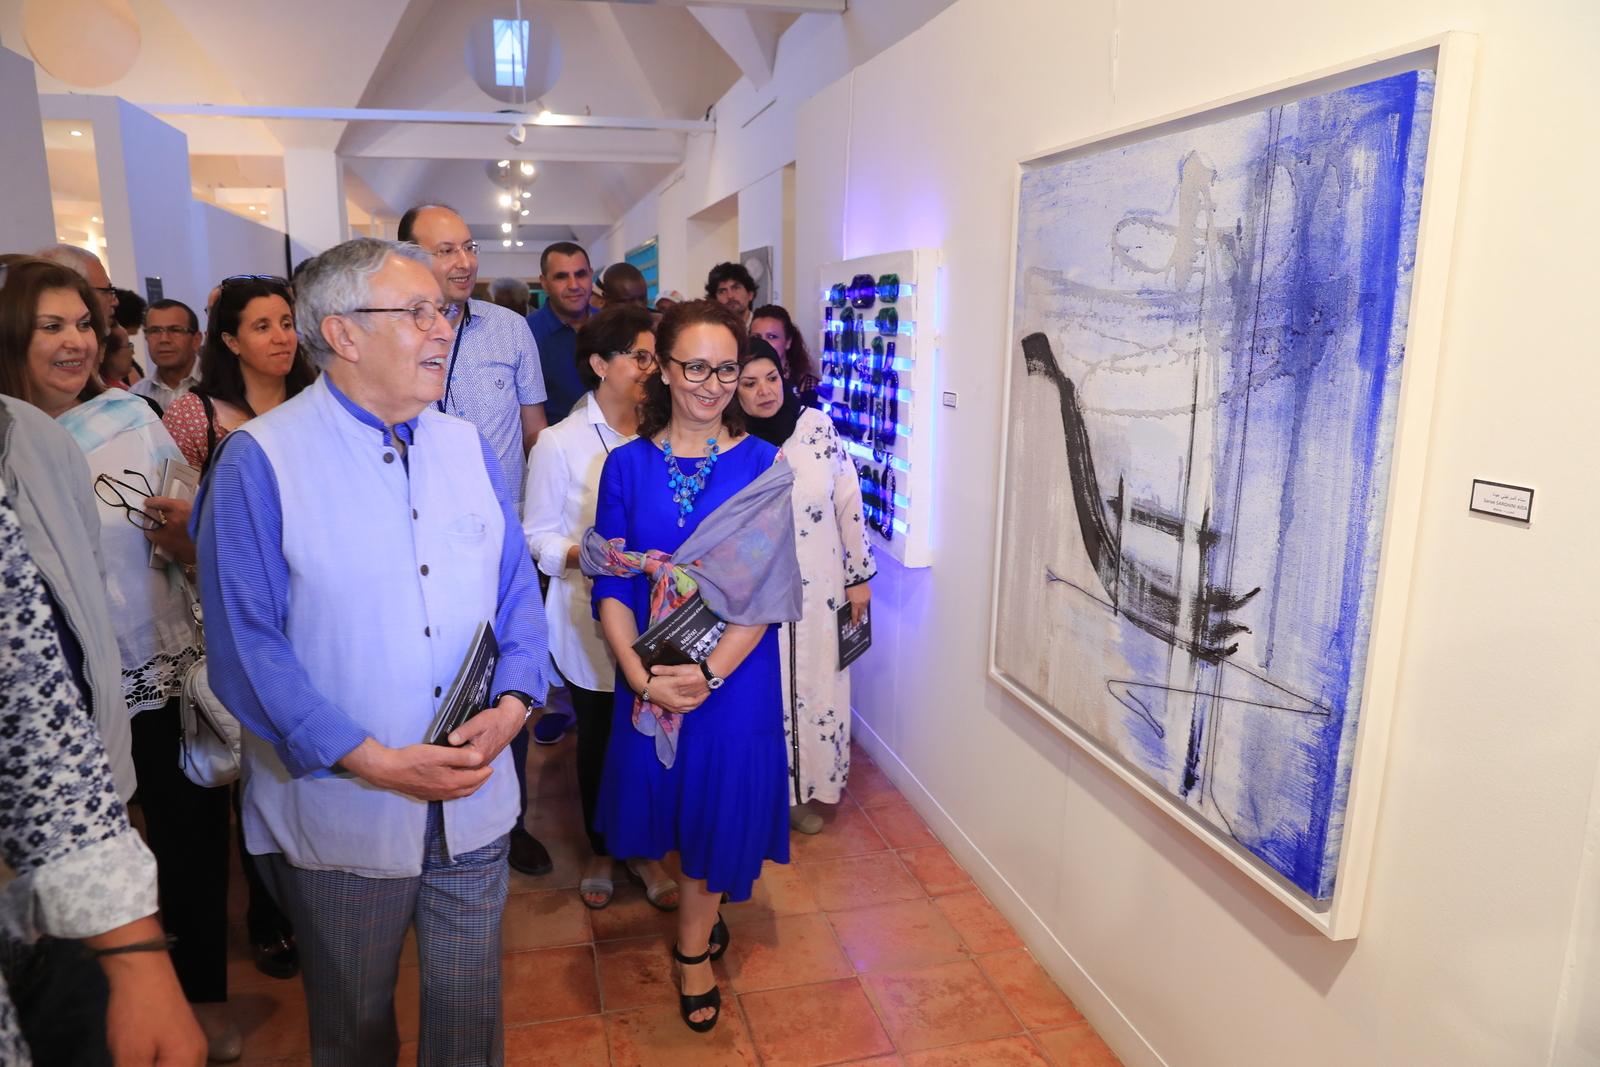 2017-07-08 افتتاح المعرض الجماعي للابداع في كافة المجالات